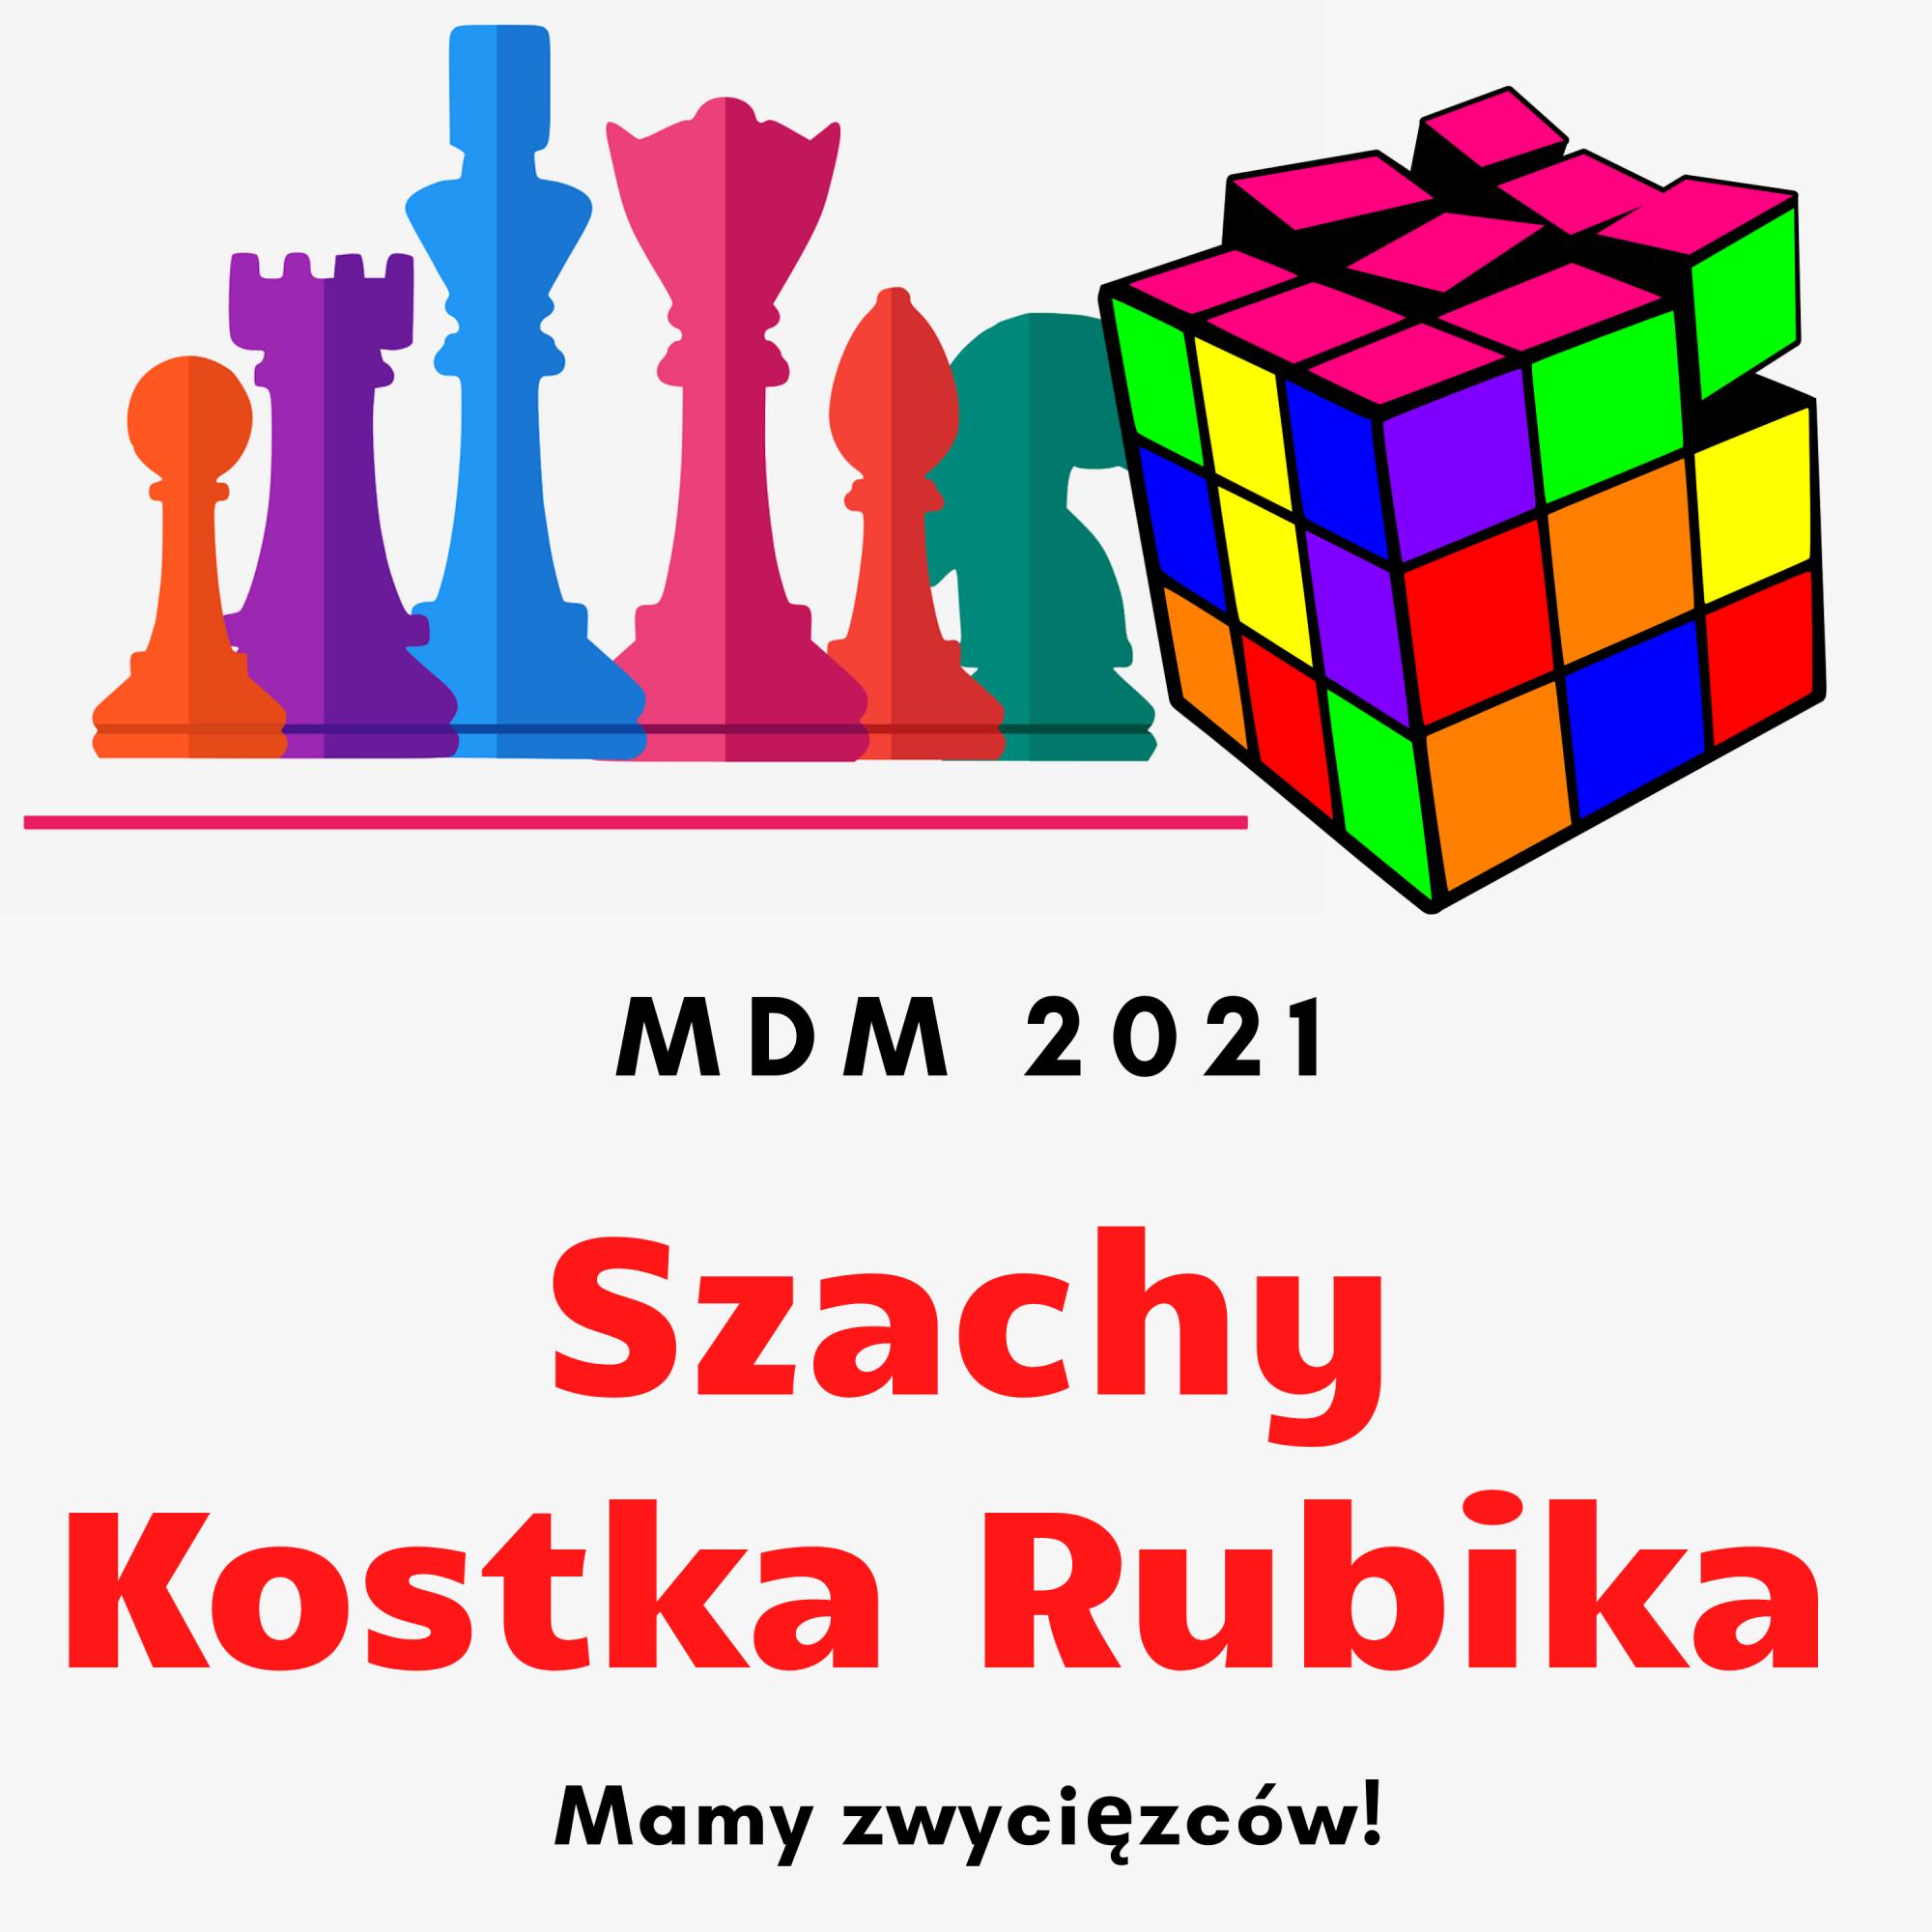 Matematyczne Dni Mechanika 2021 dobiegły końca